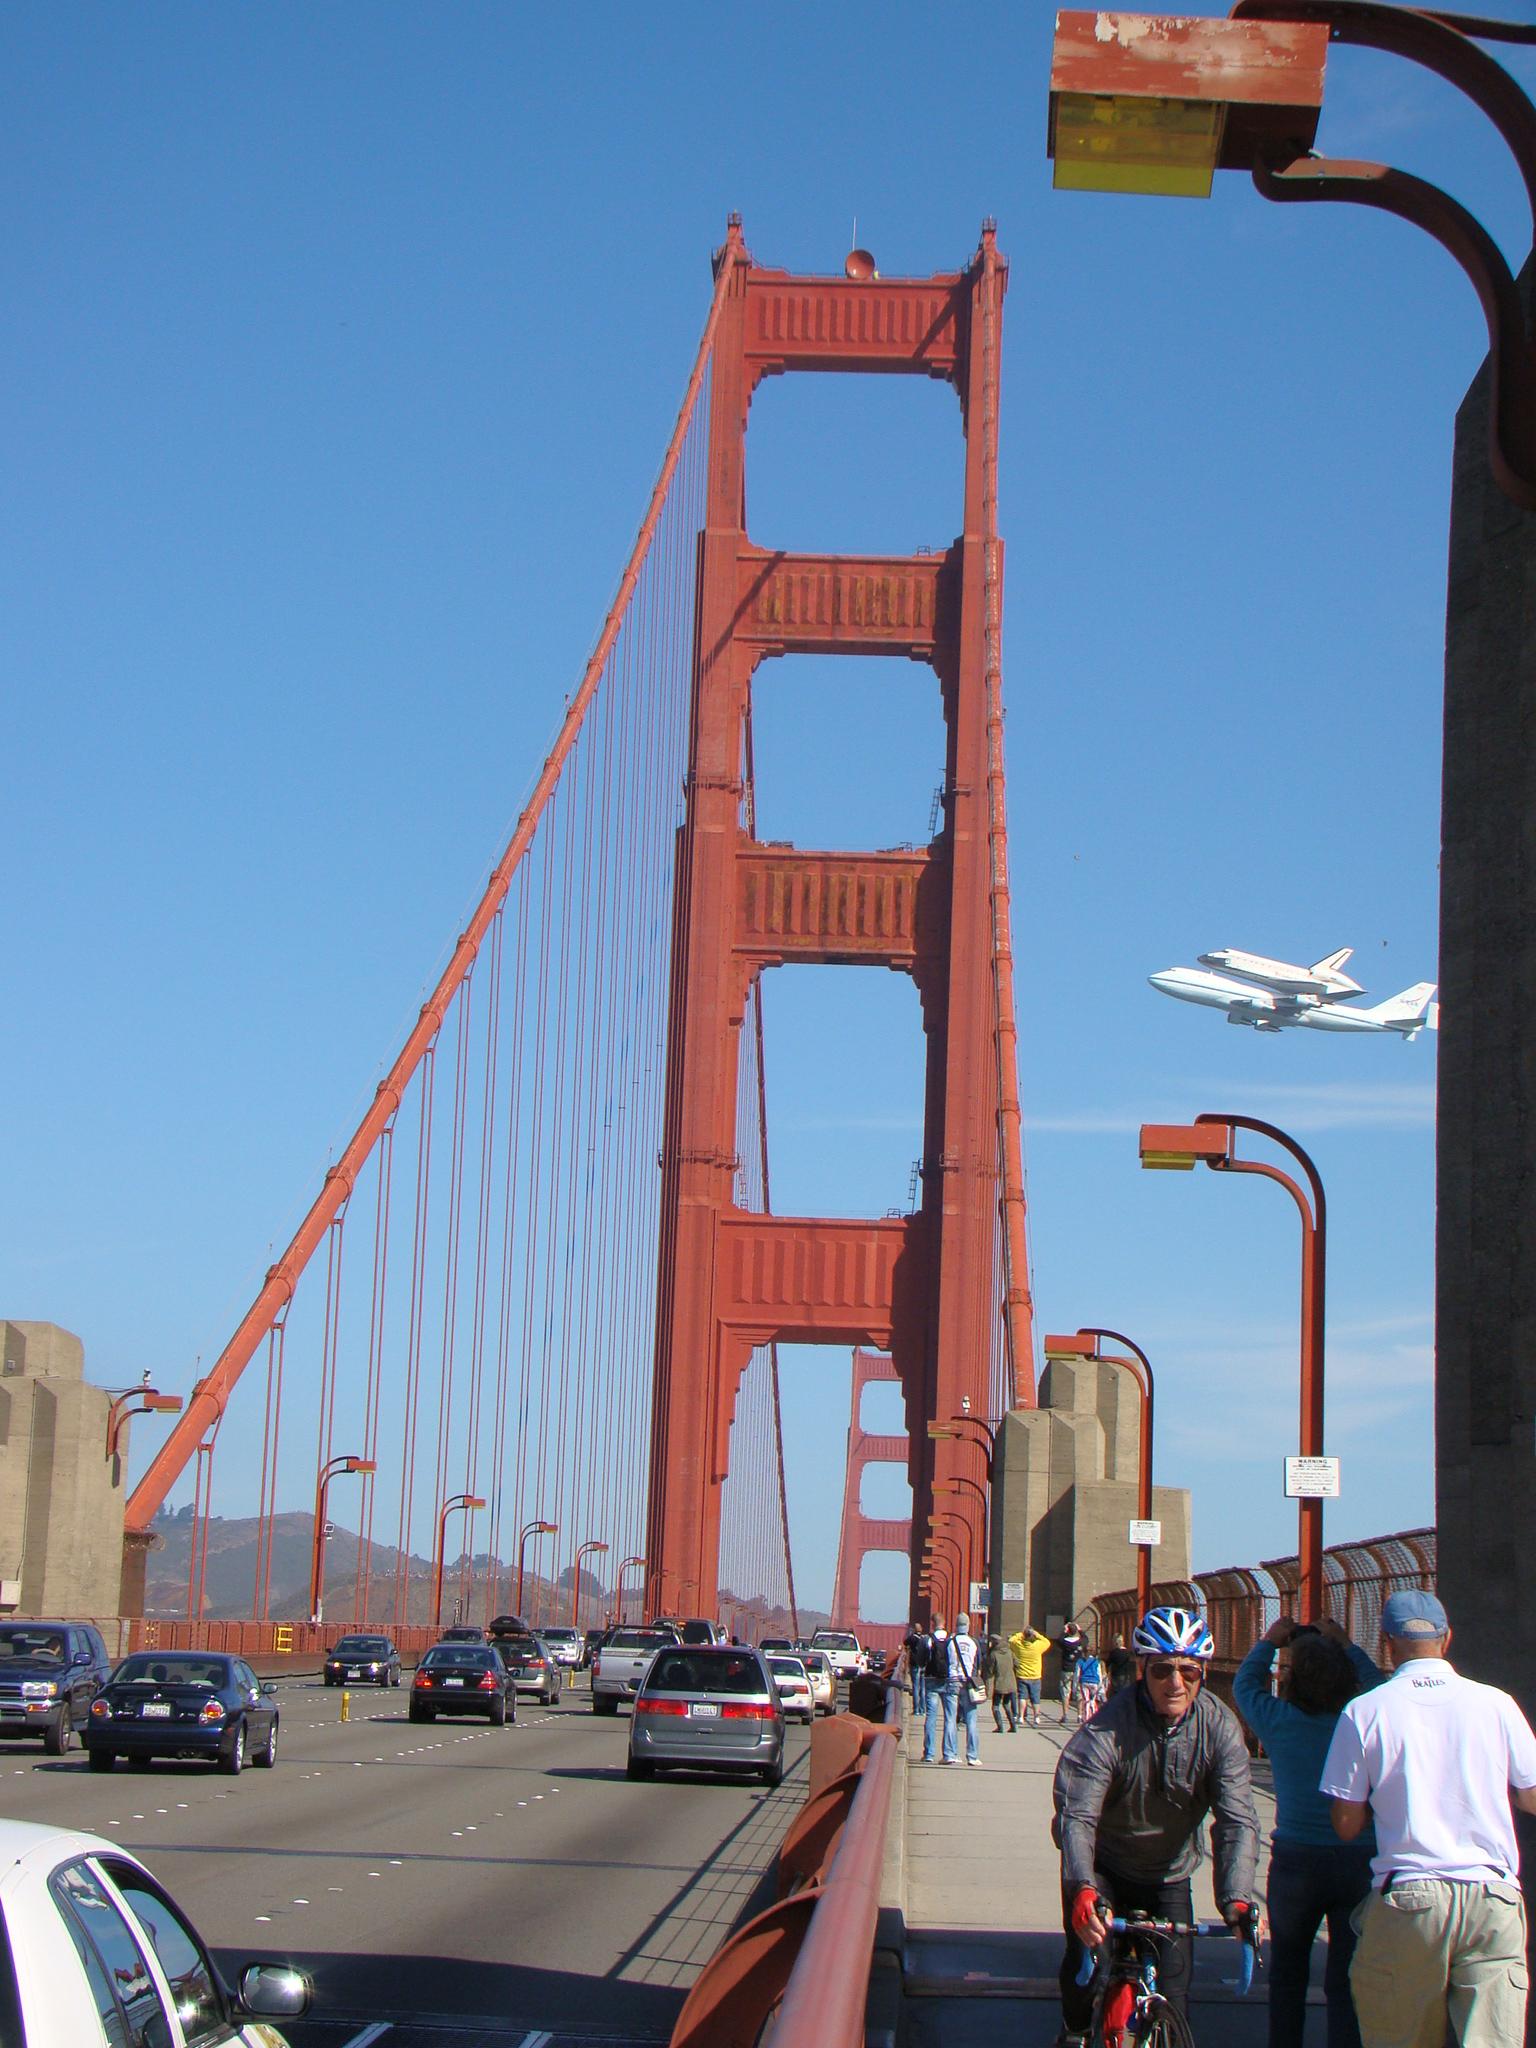 Endeavor Golden Gate Brigde